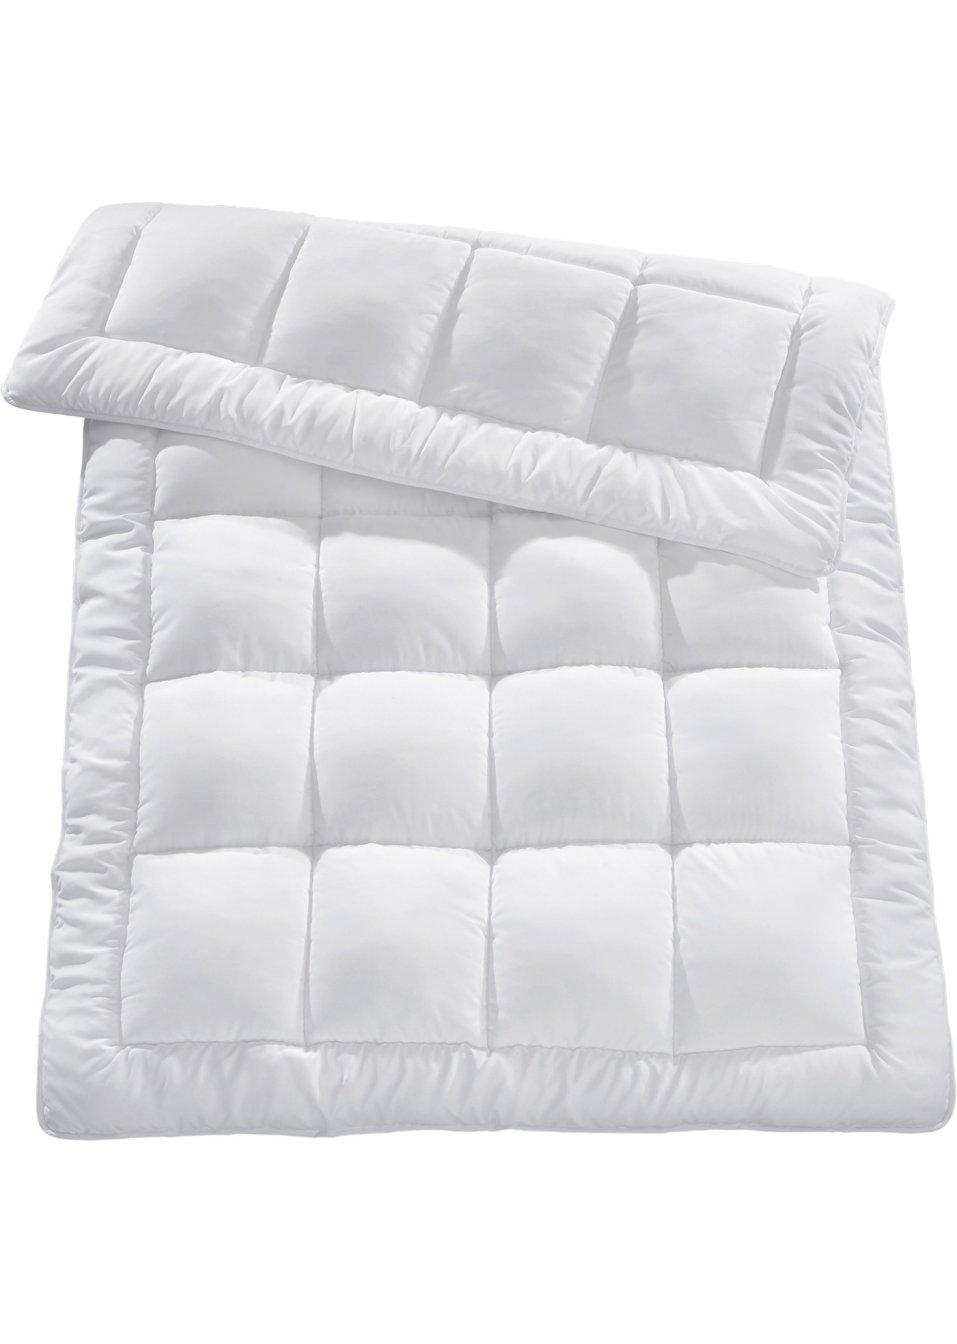 anschmiegsame microfaser bettdecke weiss. Black Bedroom Furniture Sets. Home Design Ideas